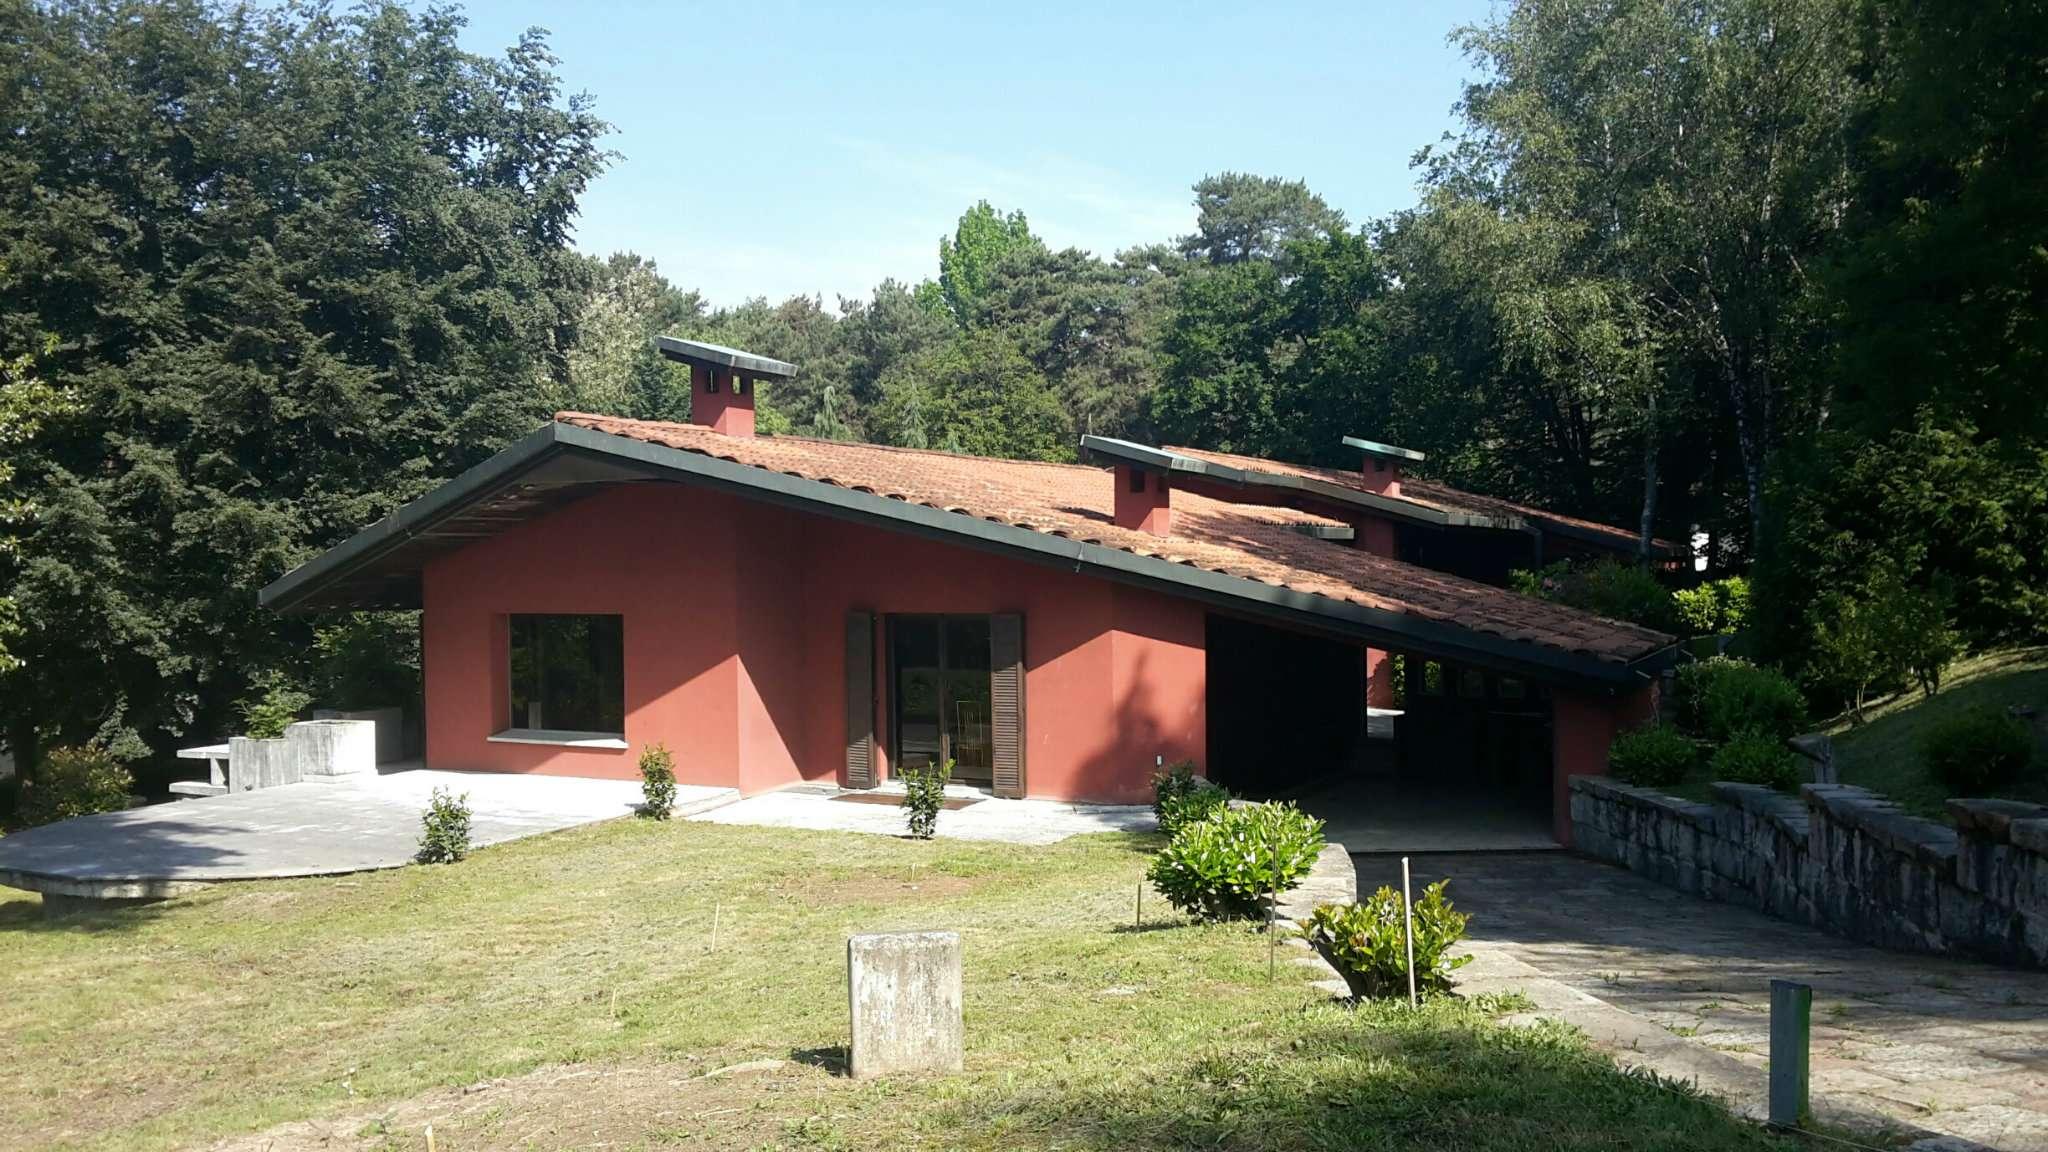 Villa in vendita a Carbonate, 7 locali, prezzo € 1.750.000 | CambioCasa.it